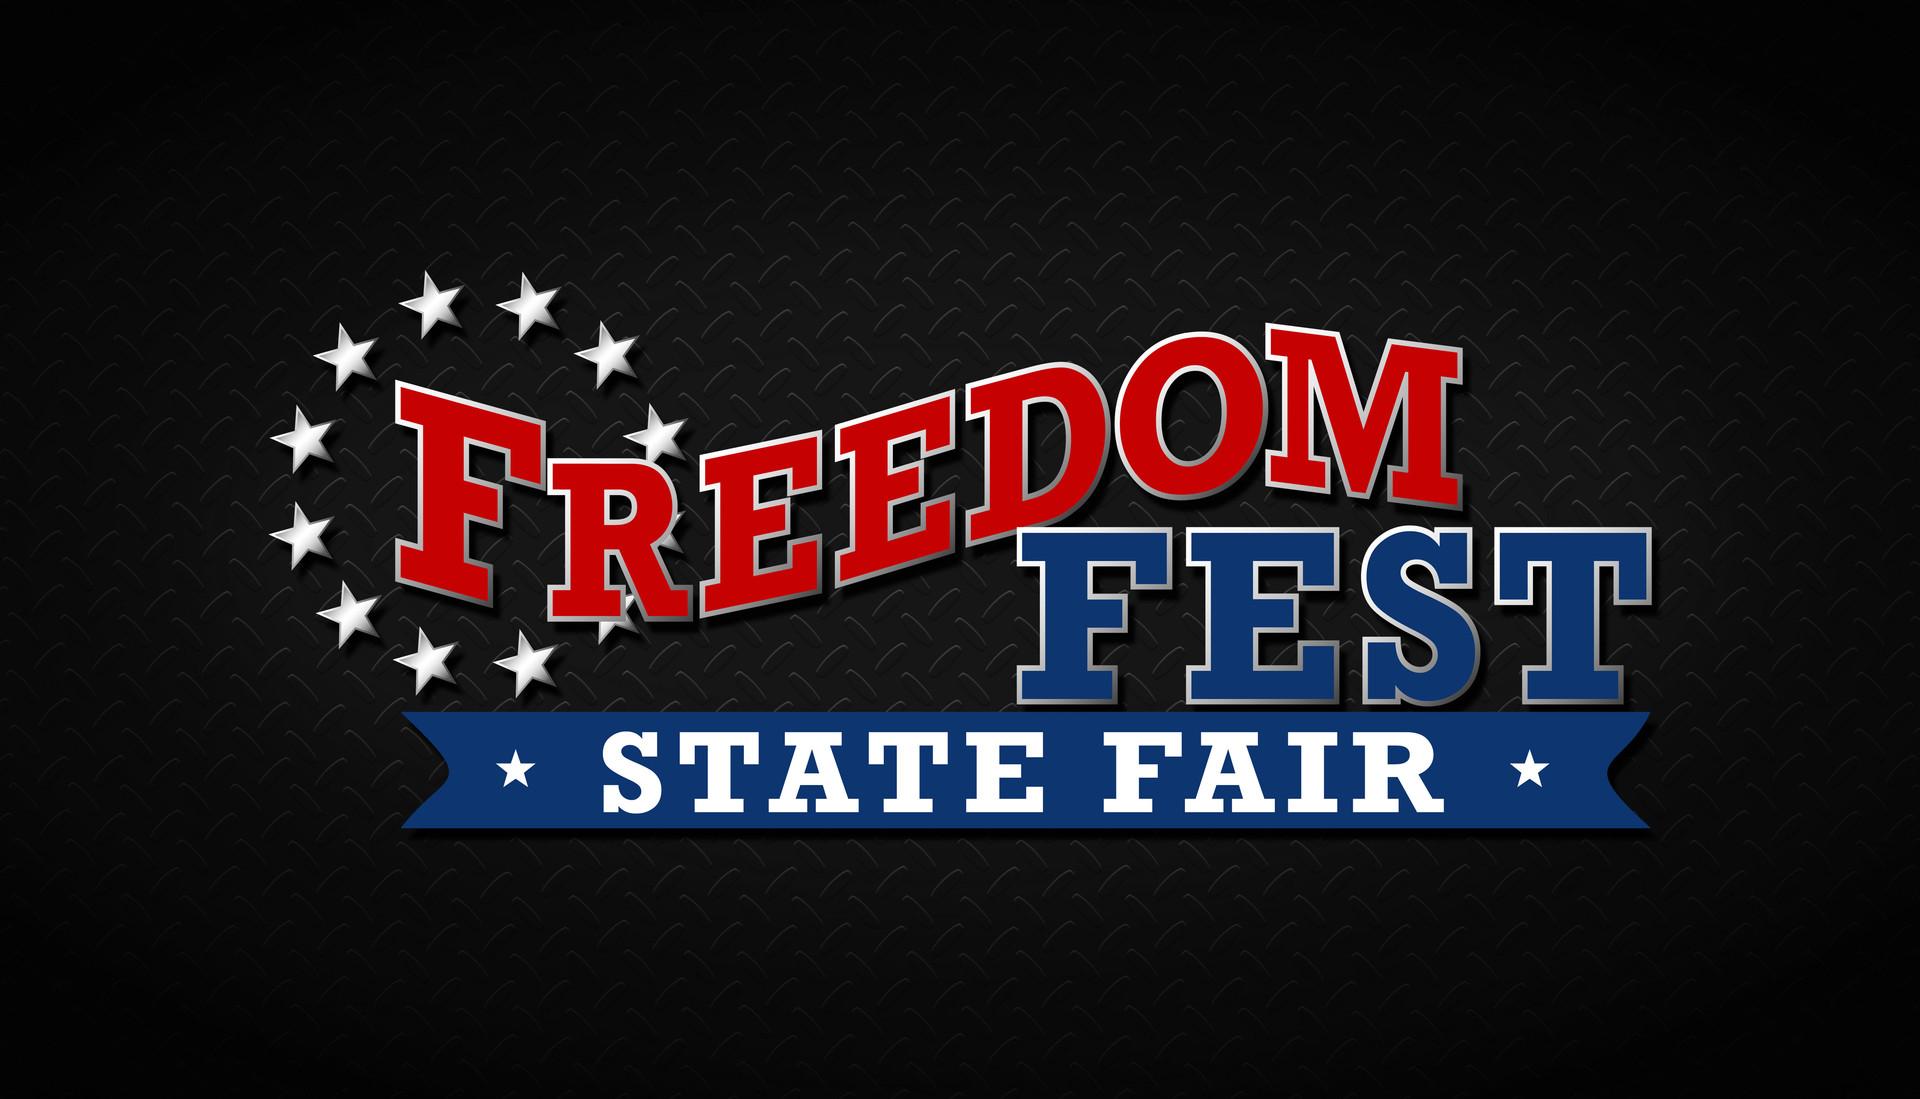 Dwayne stacho freedom logo